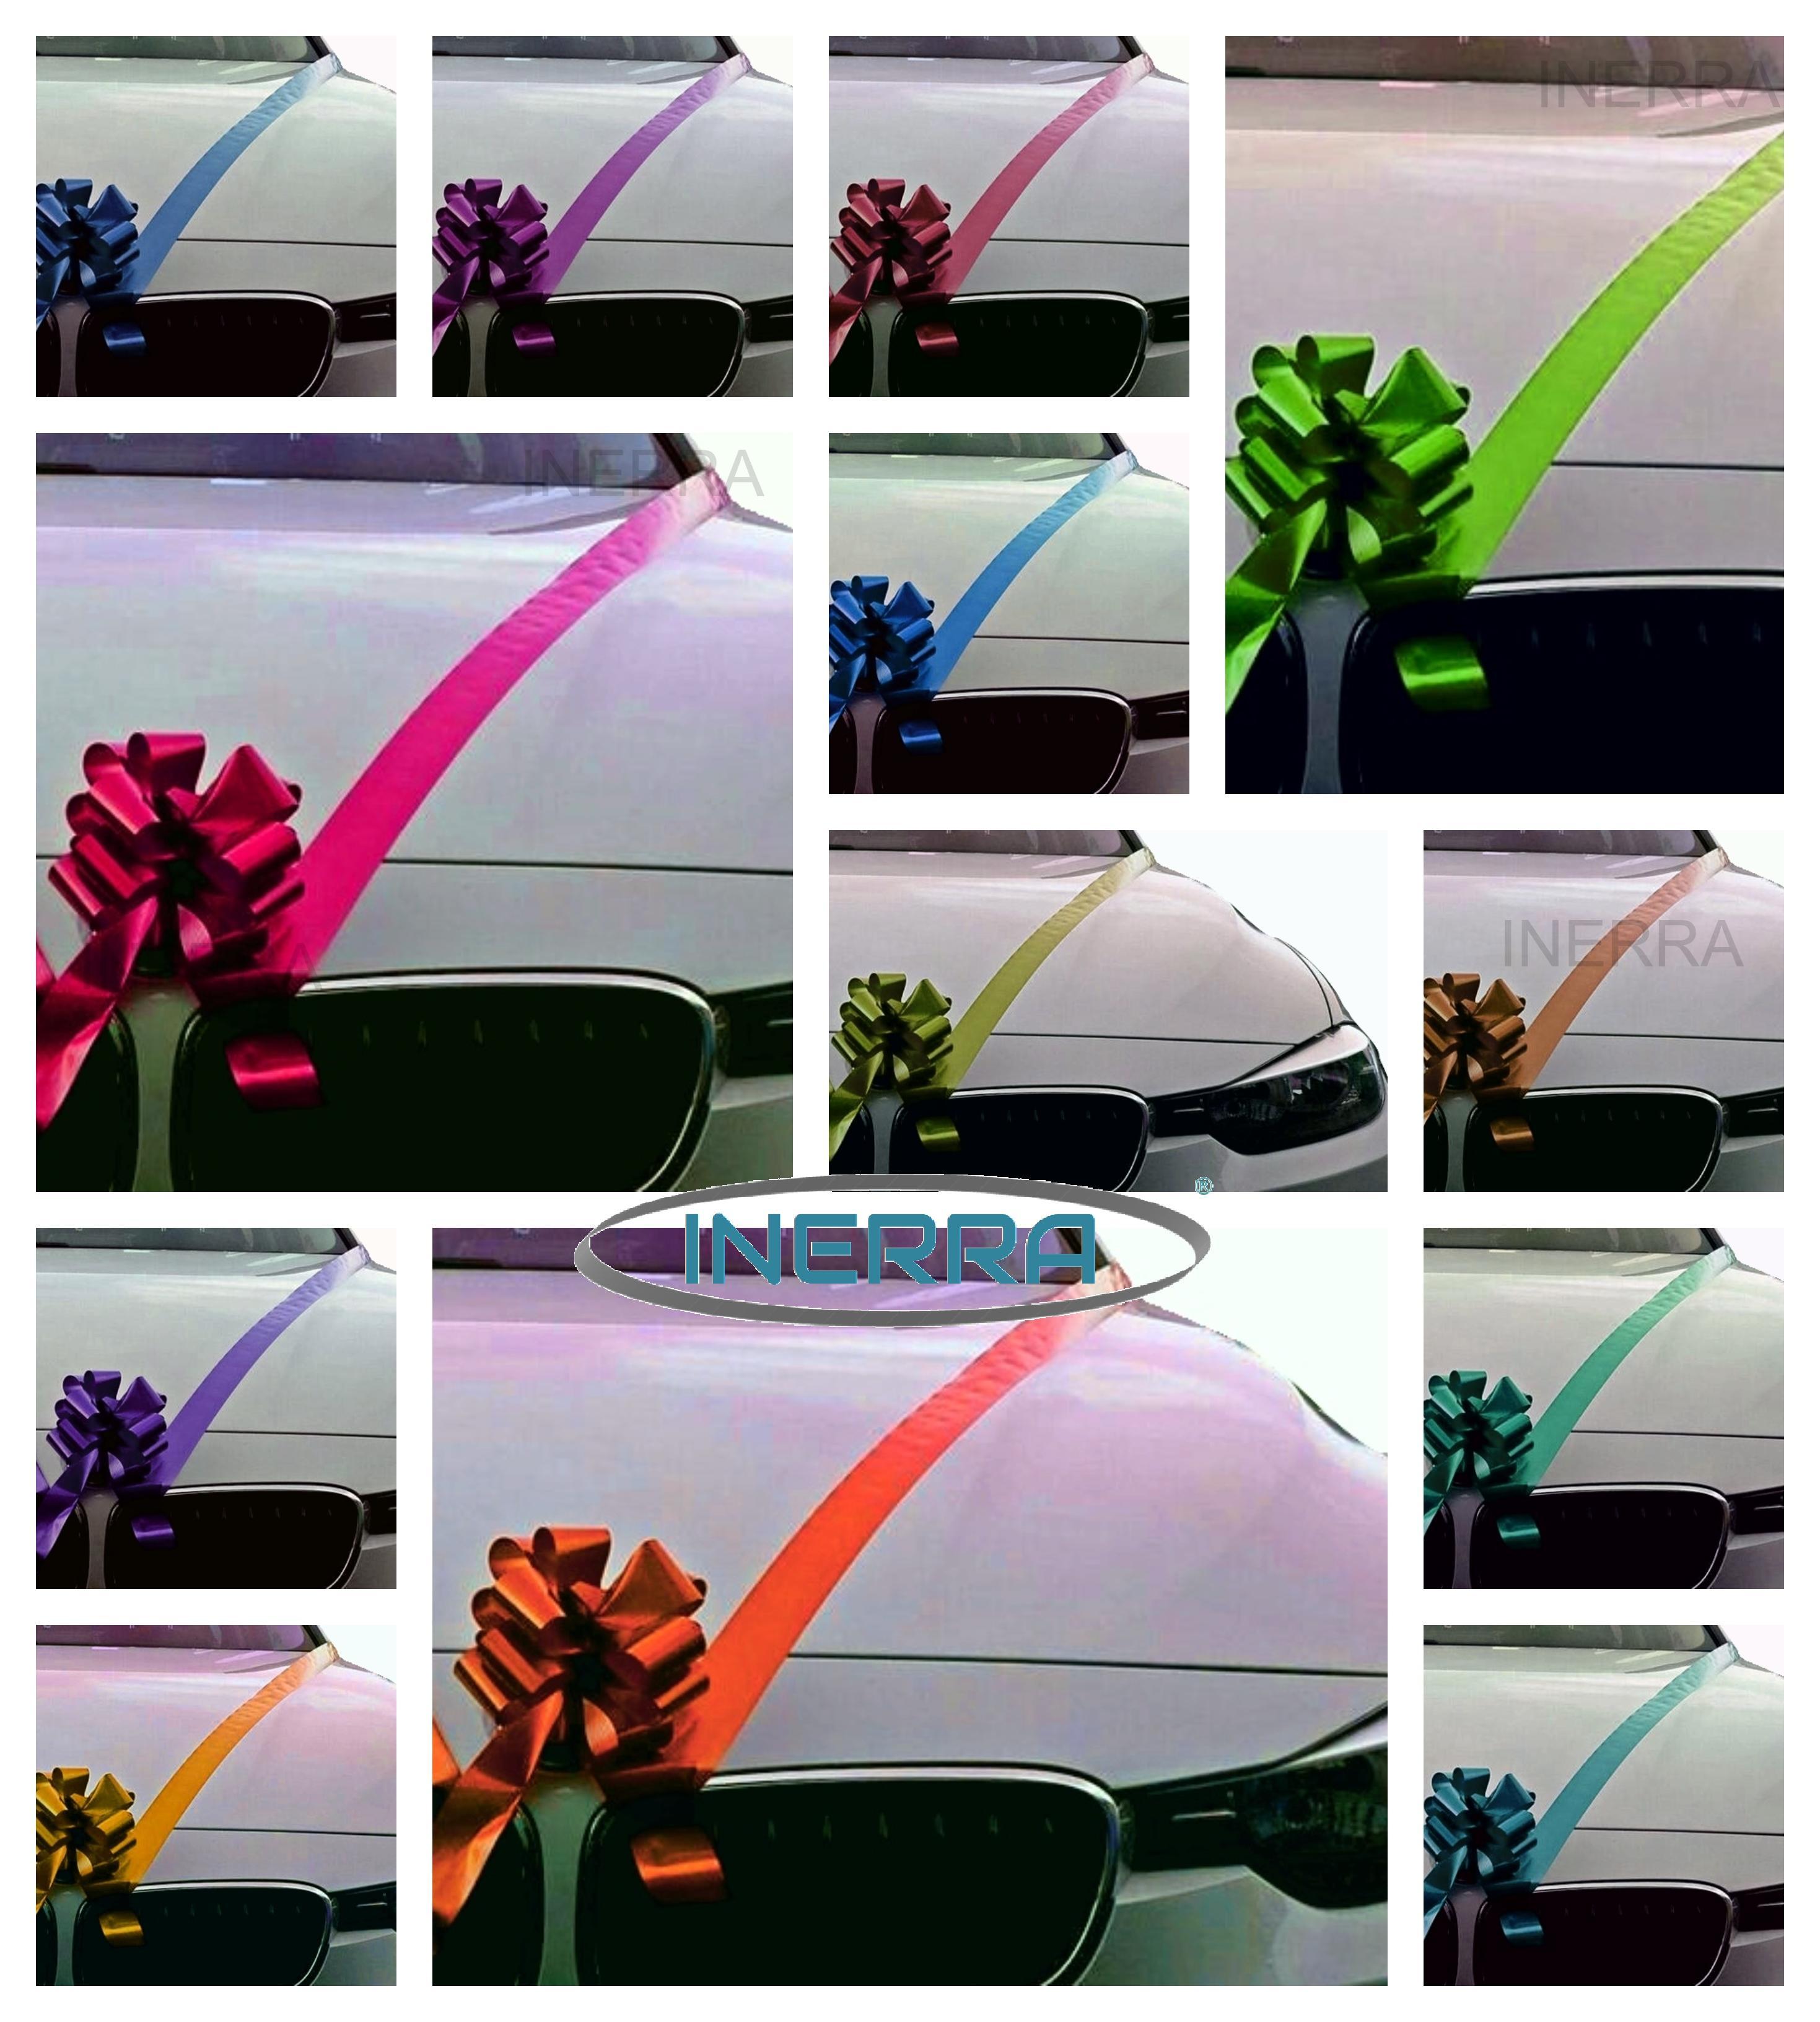 awm-wedding-car-decoration-ribbon-bows-1.jpg